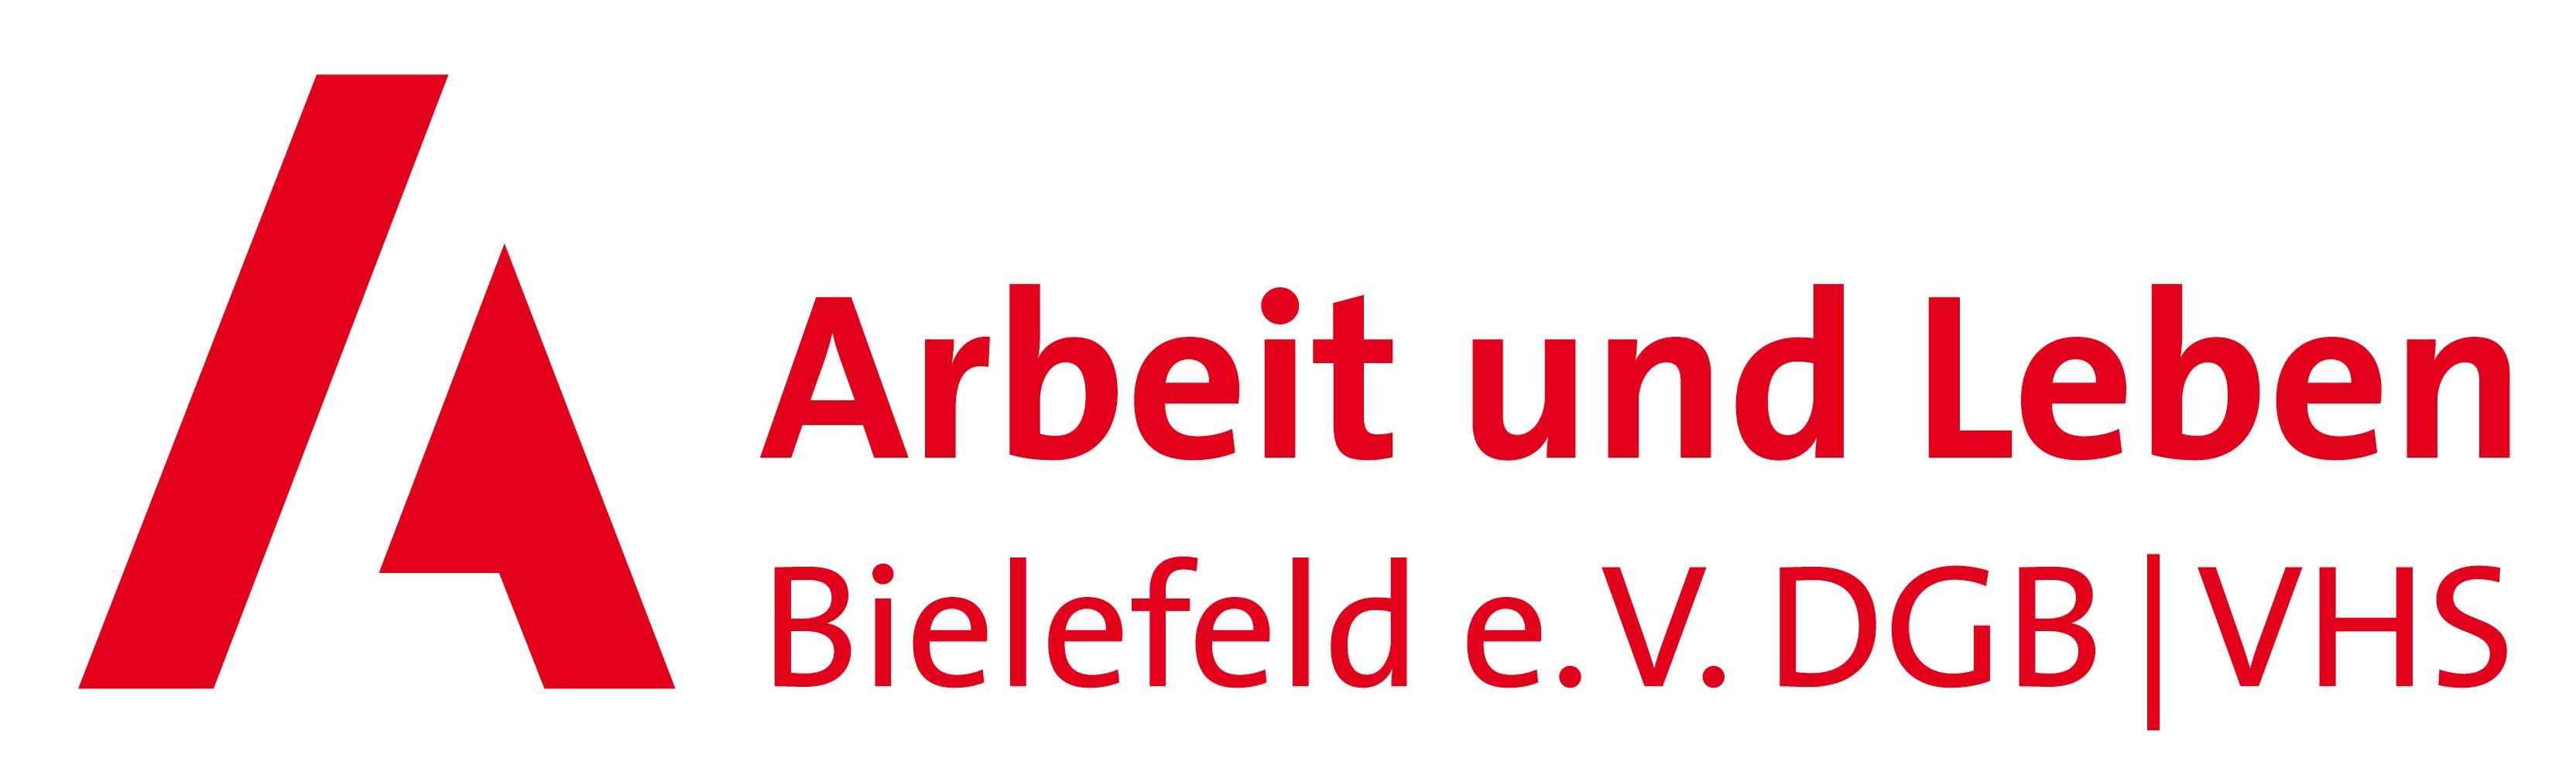 Arbeit und Leben Bielefeld DGB / VHS